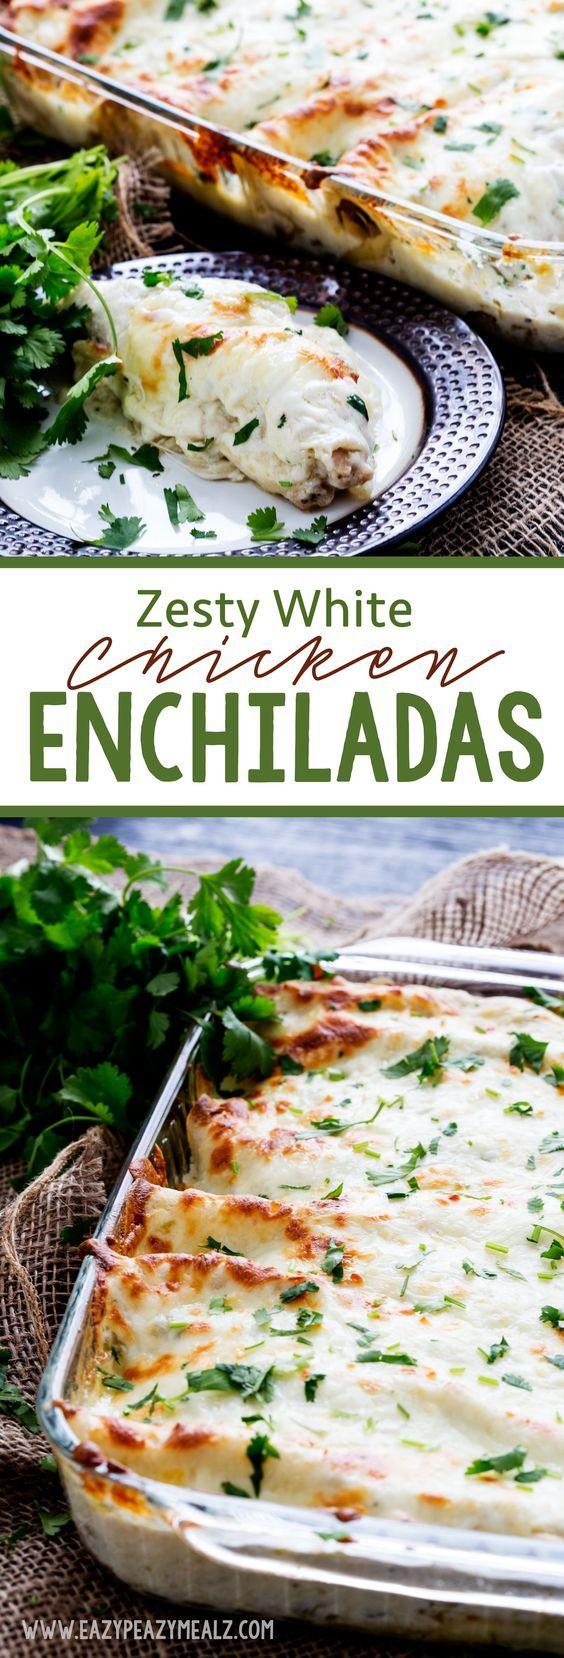 Zesty White Chicken Enchiladas with a zesty secret ingredient that makes them so yummy! - Eazy Peazy Mealz